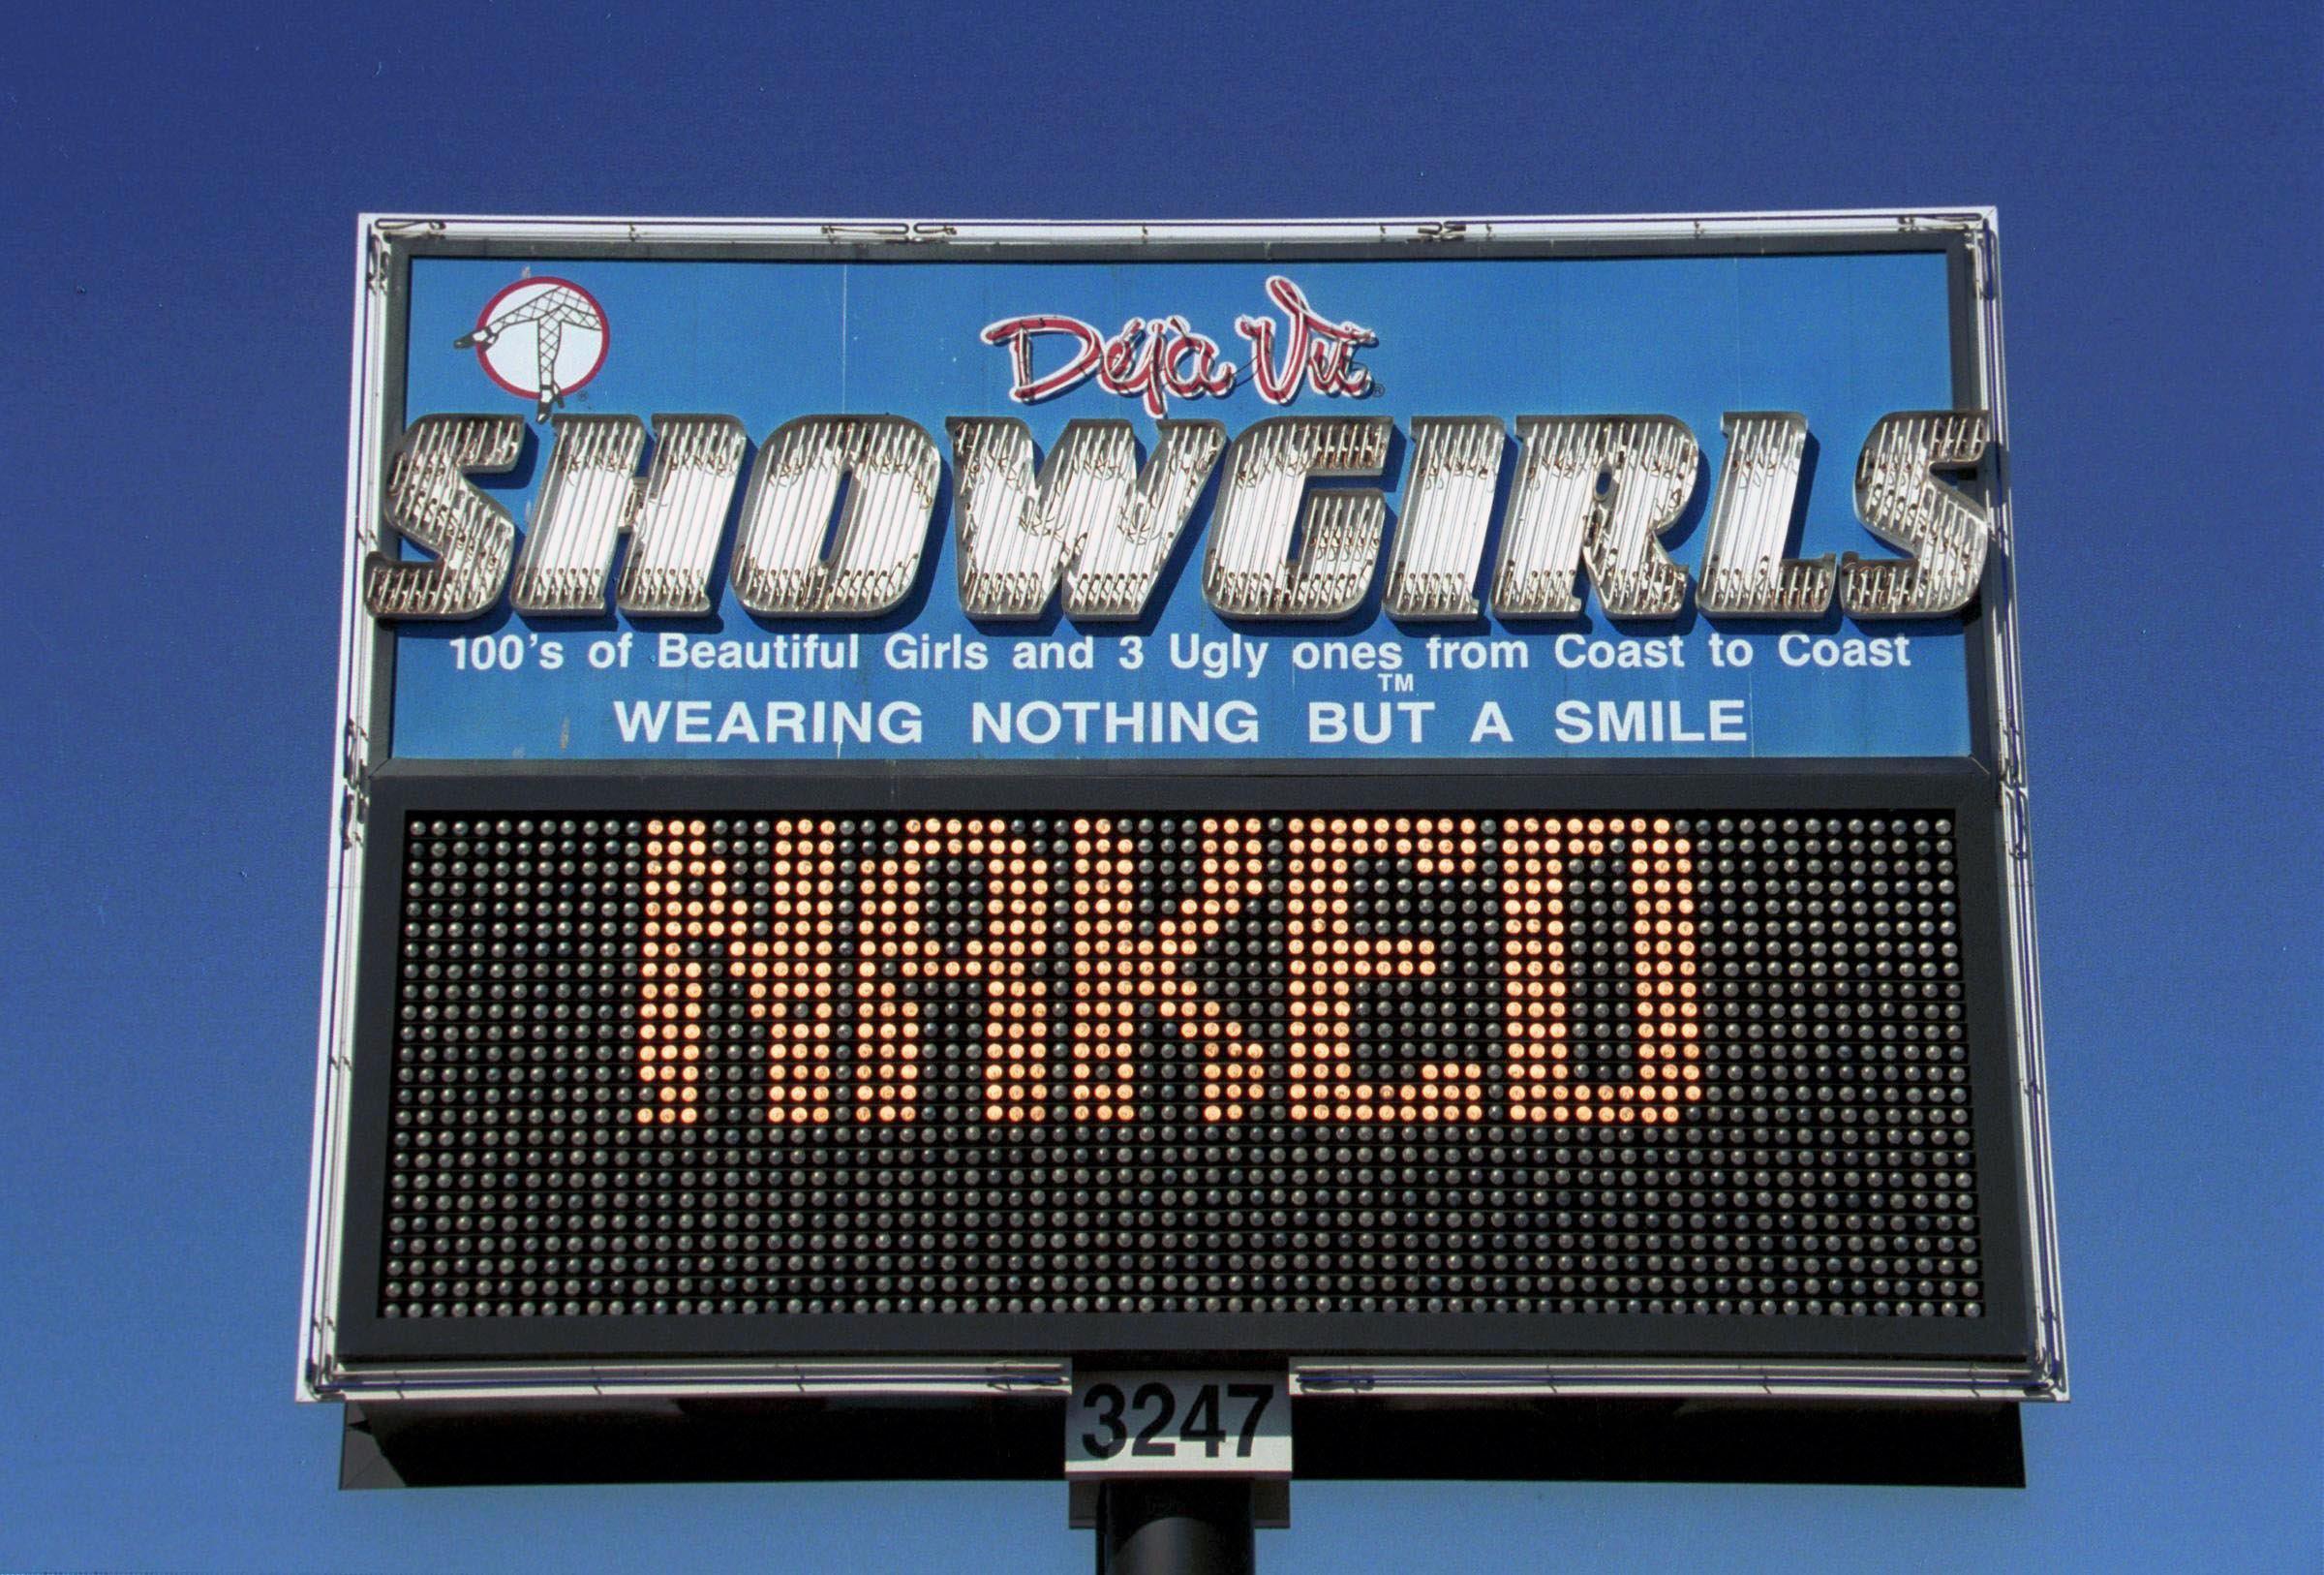 Déjà Vu Showgirls strip club